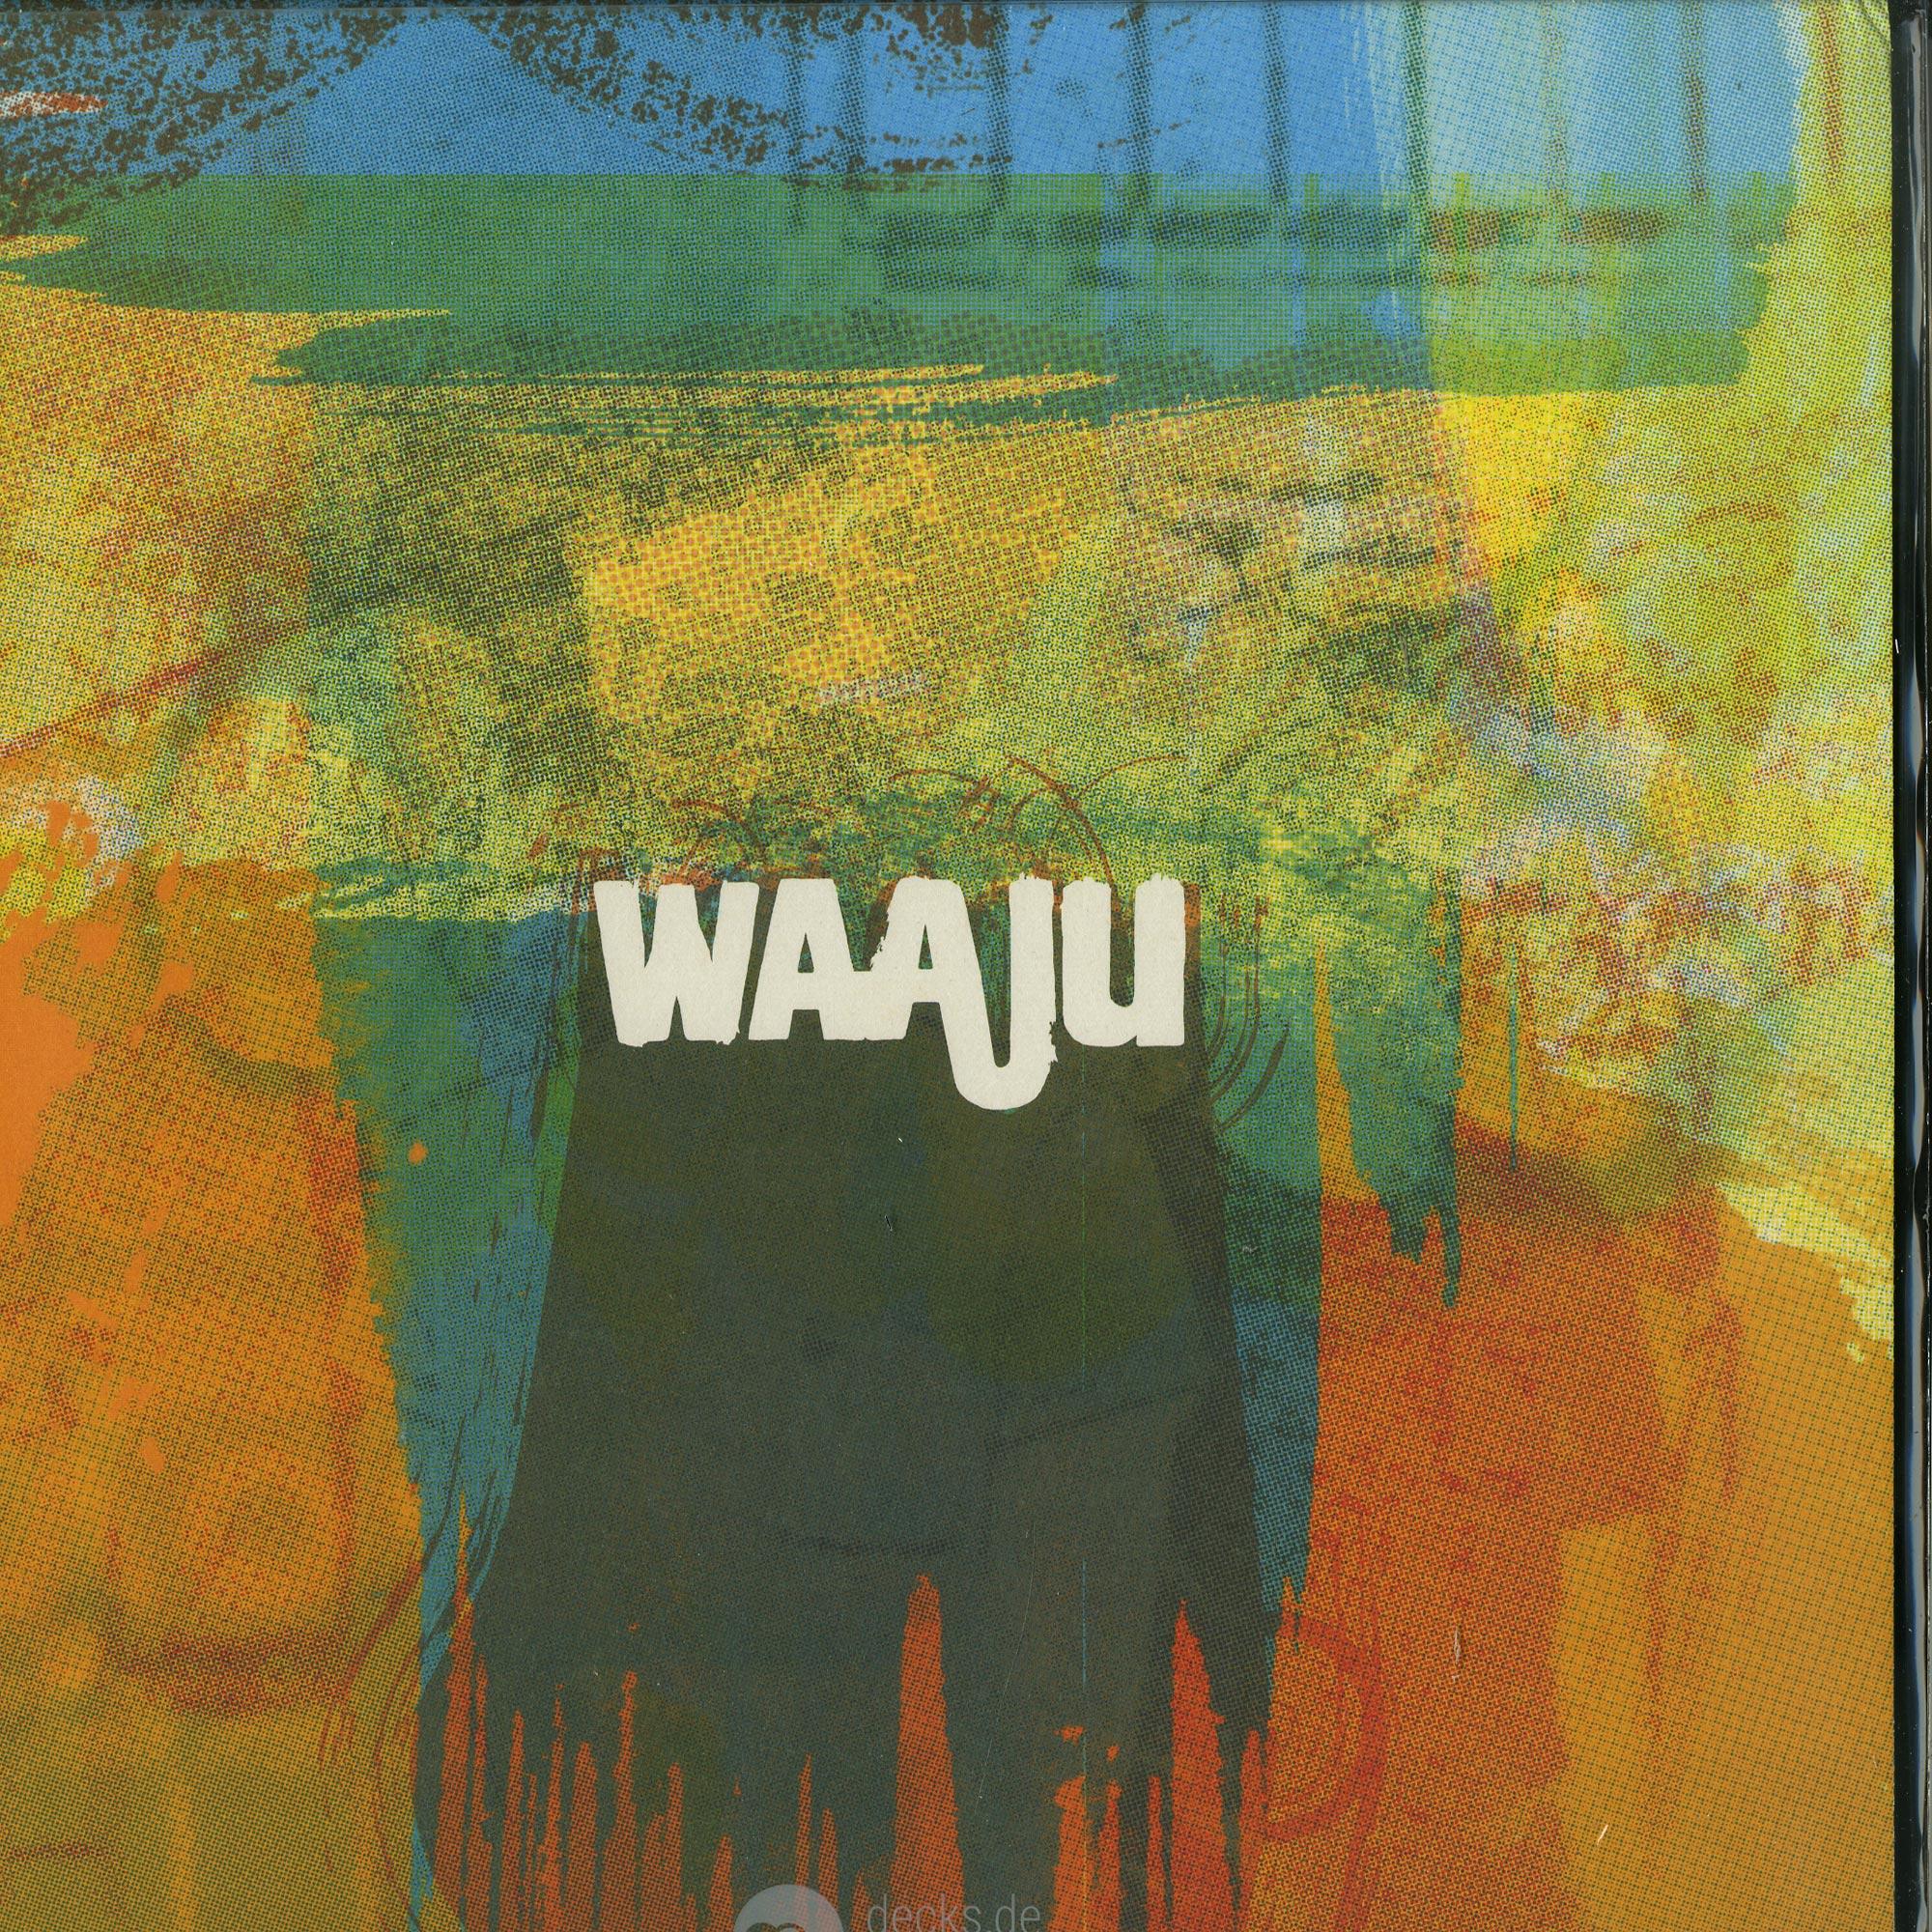 Waaju - WAAJU